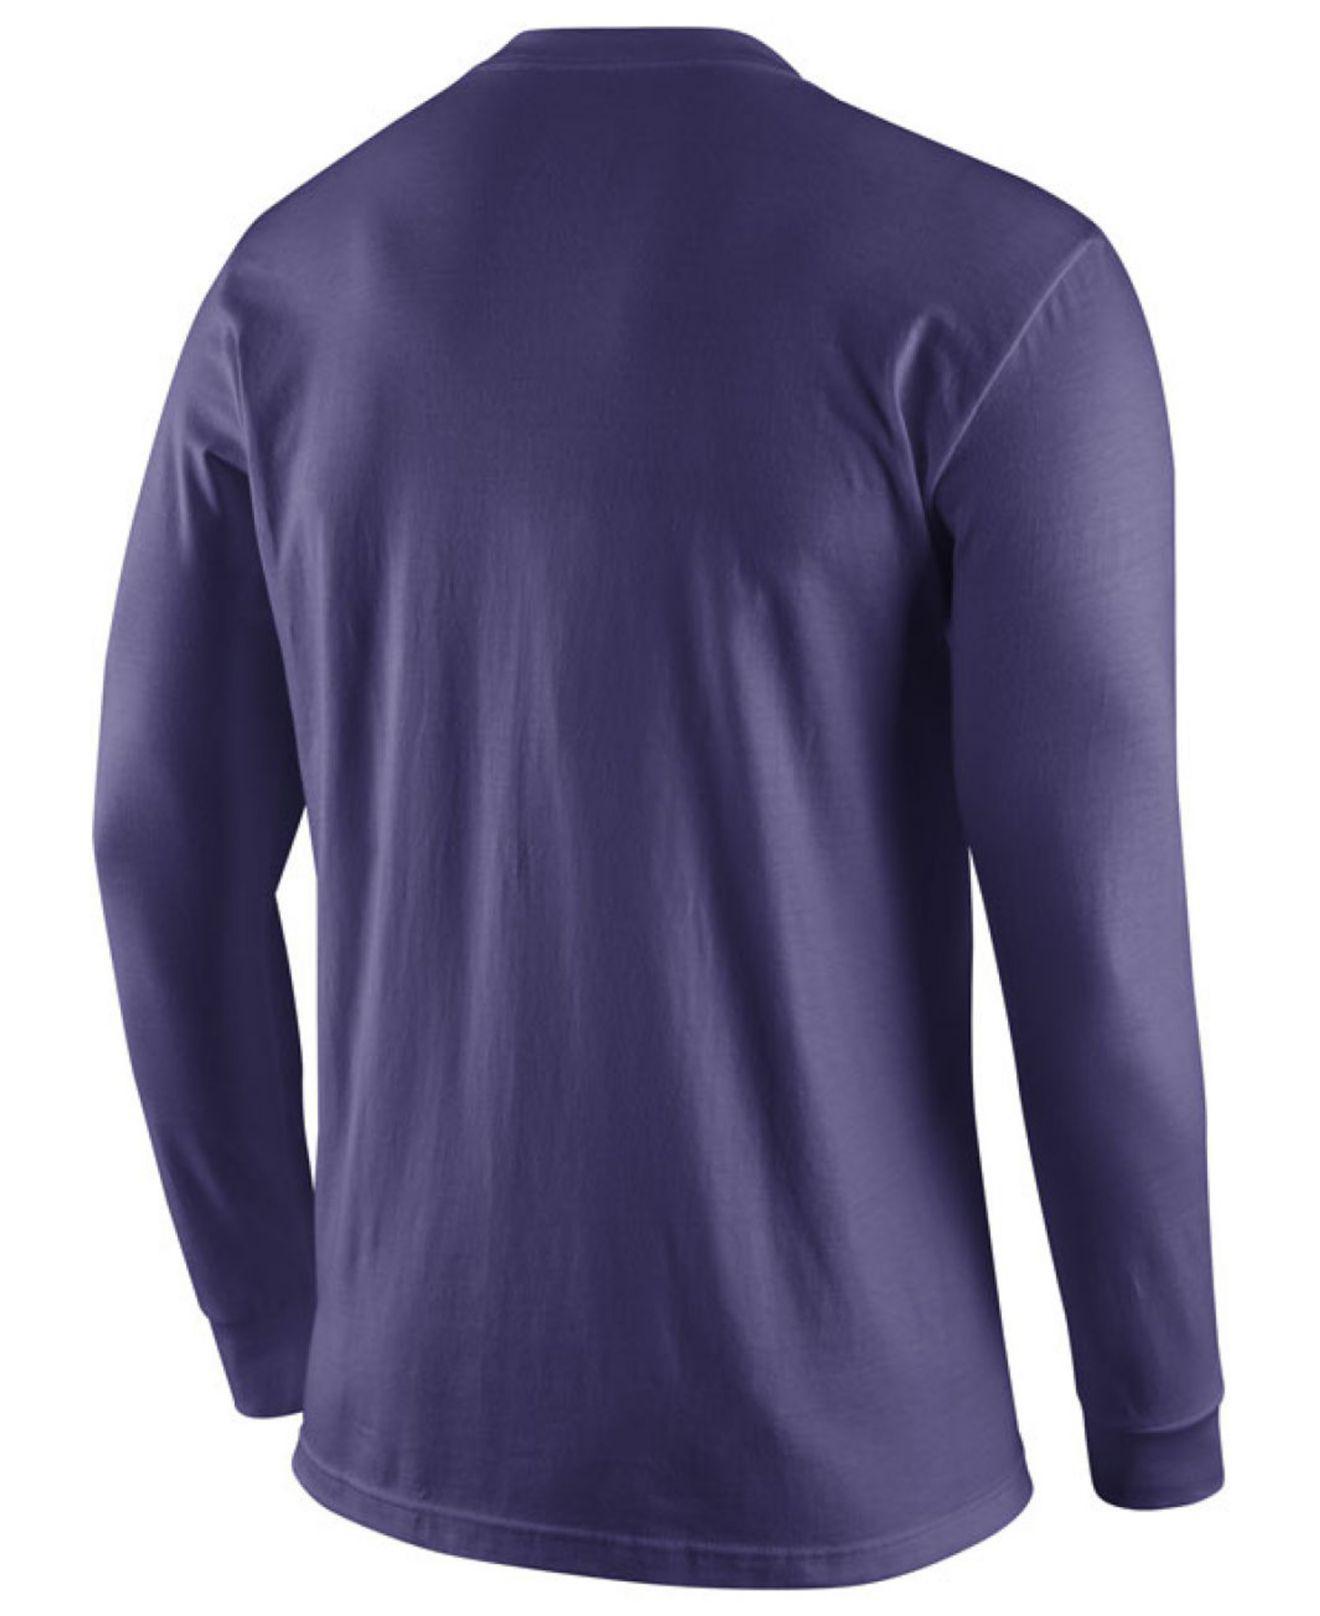 ea8b2dd33 Lyst - Nike Men's Lsu Tigers Logo Long-sleeve T-shirt in Purple for Men